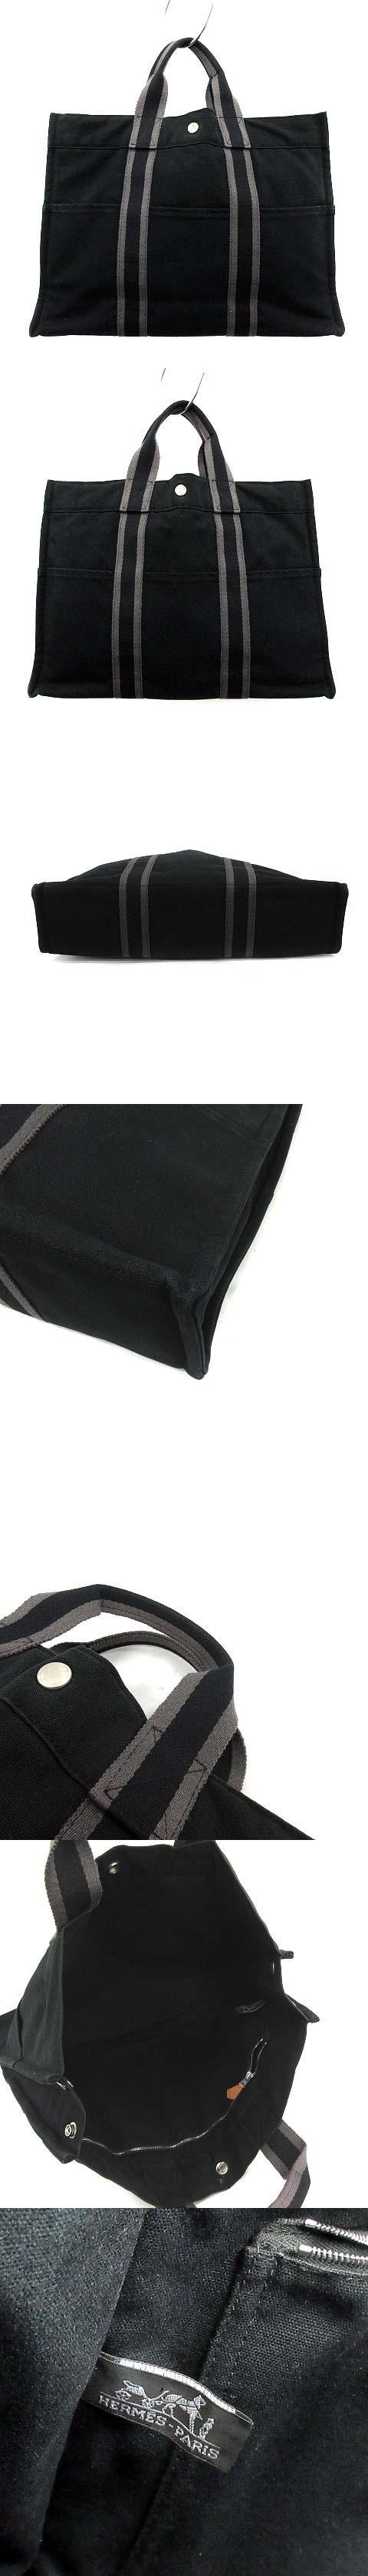 トートバッグ ハンド フールトゥMM キャンバス 黒 ブラック /KH ●D